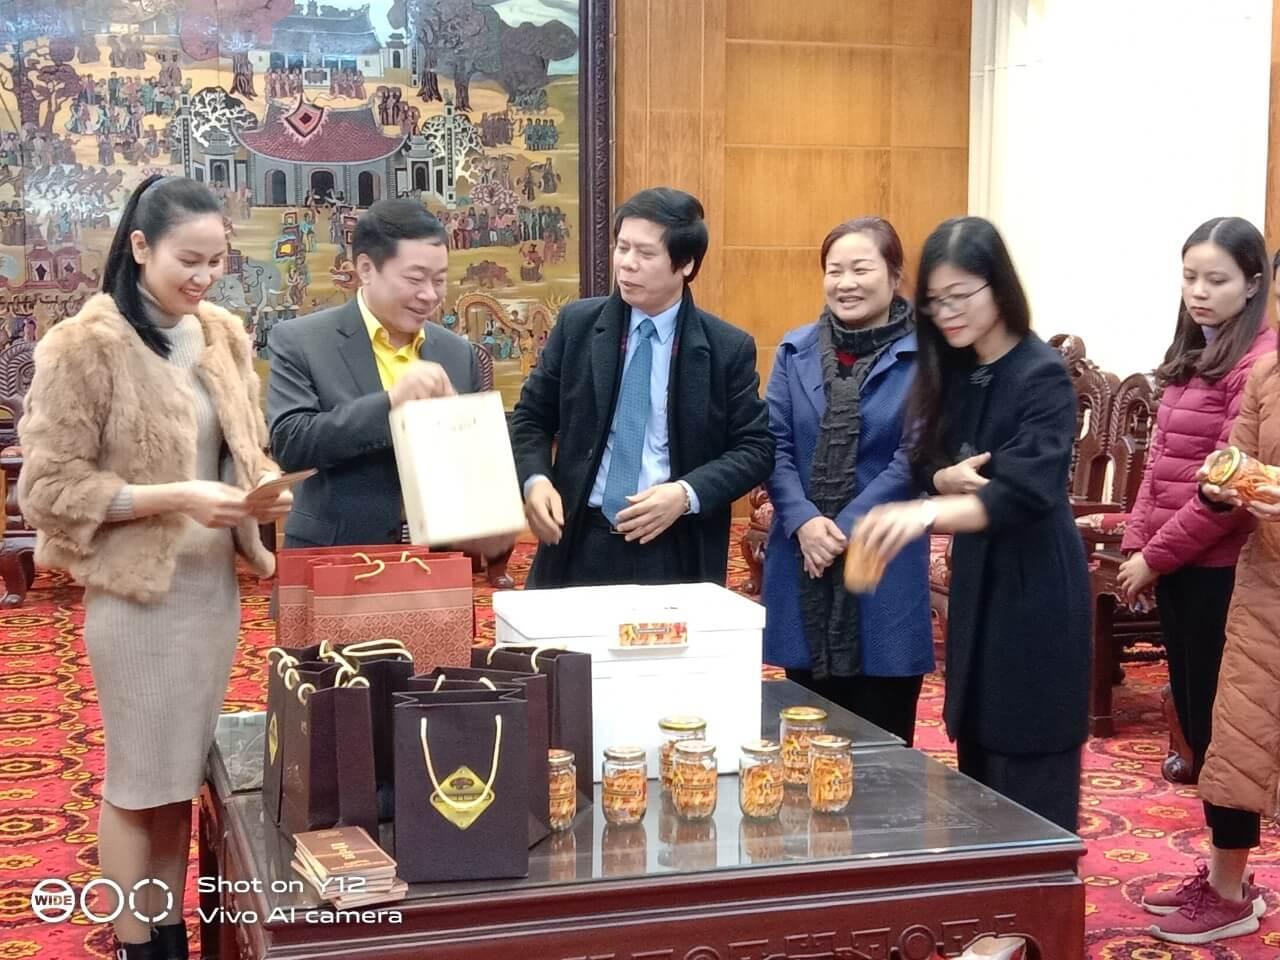 Ông Hà Văn Khánh,,CTHĐQT, Giám đốc Công ty TNHH Thảo Dược Tam Đảo trao  200 hộp Đông trùng Hạ thảo, trị giá 100 triệu đồng tới lãnh đạo tỉnh Vĩnh Phúc.